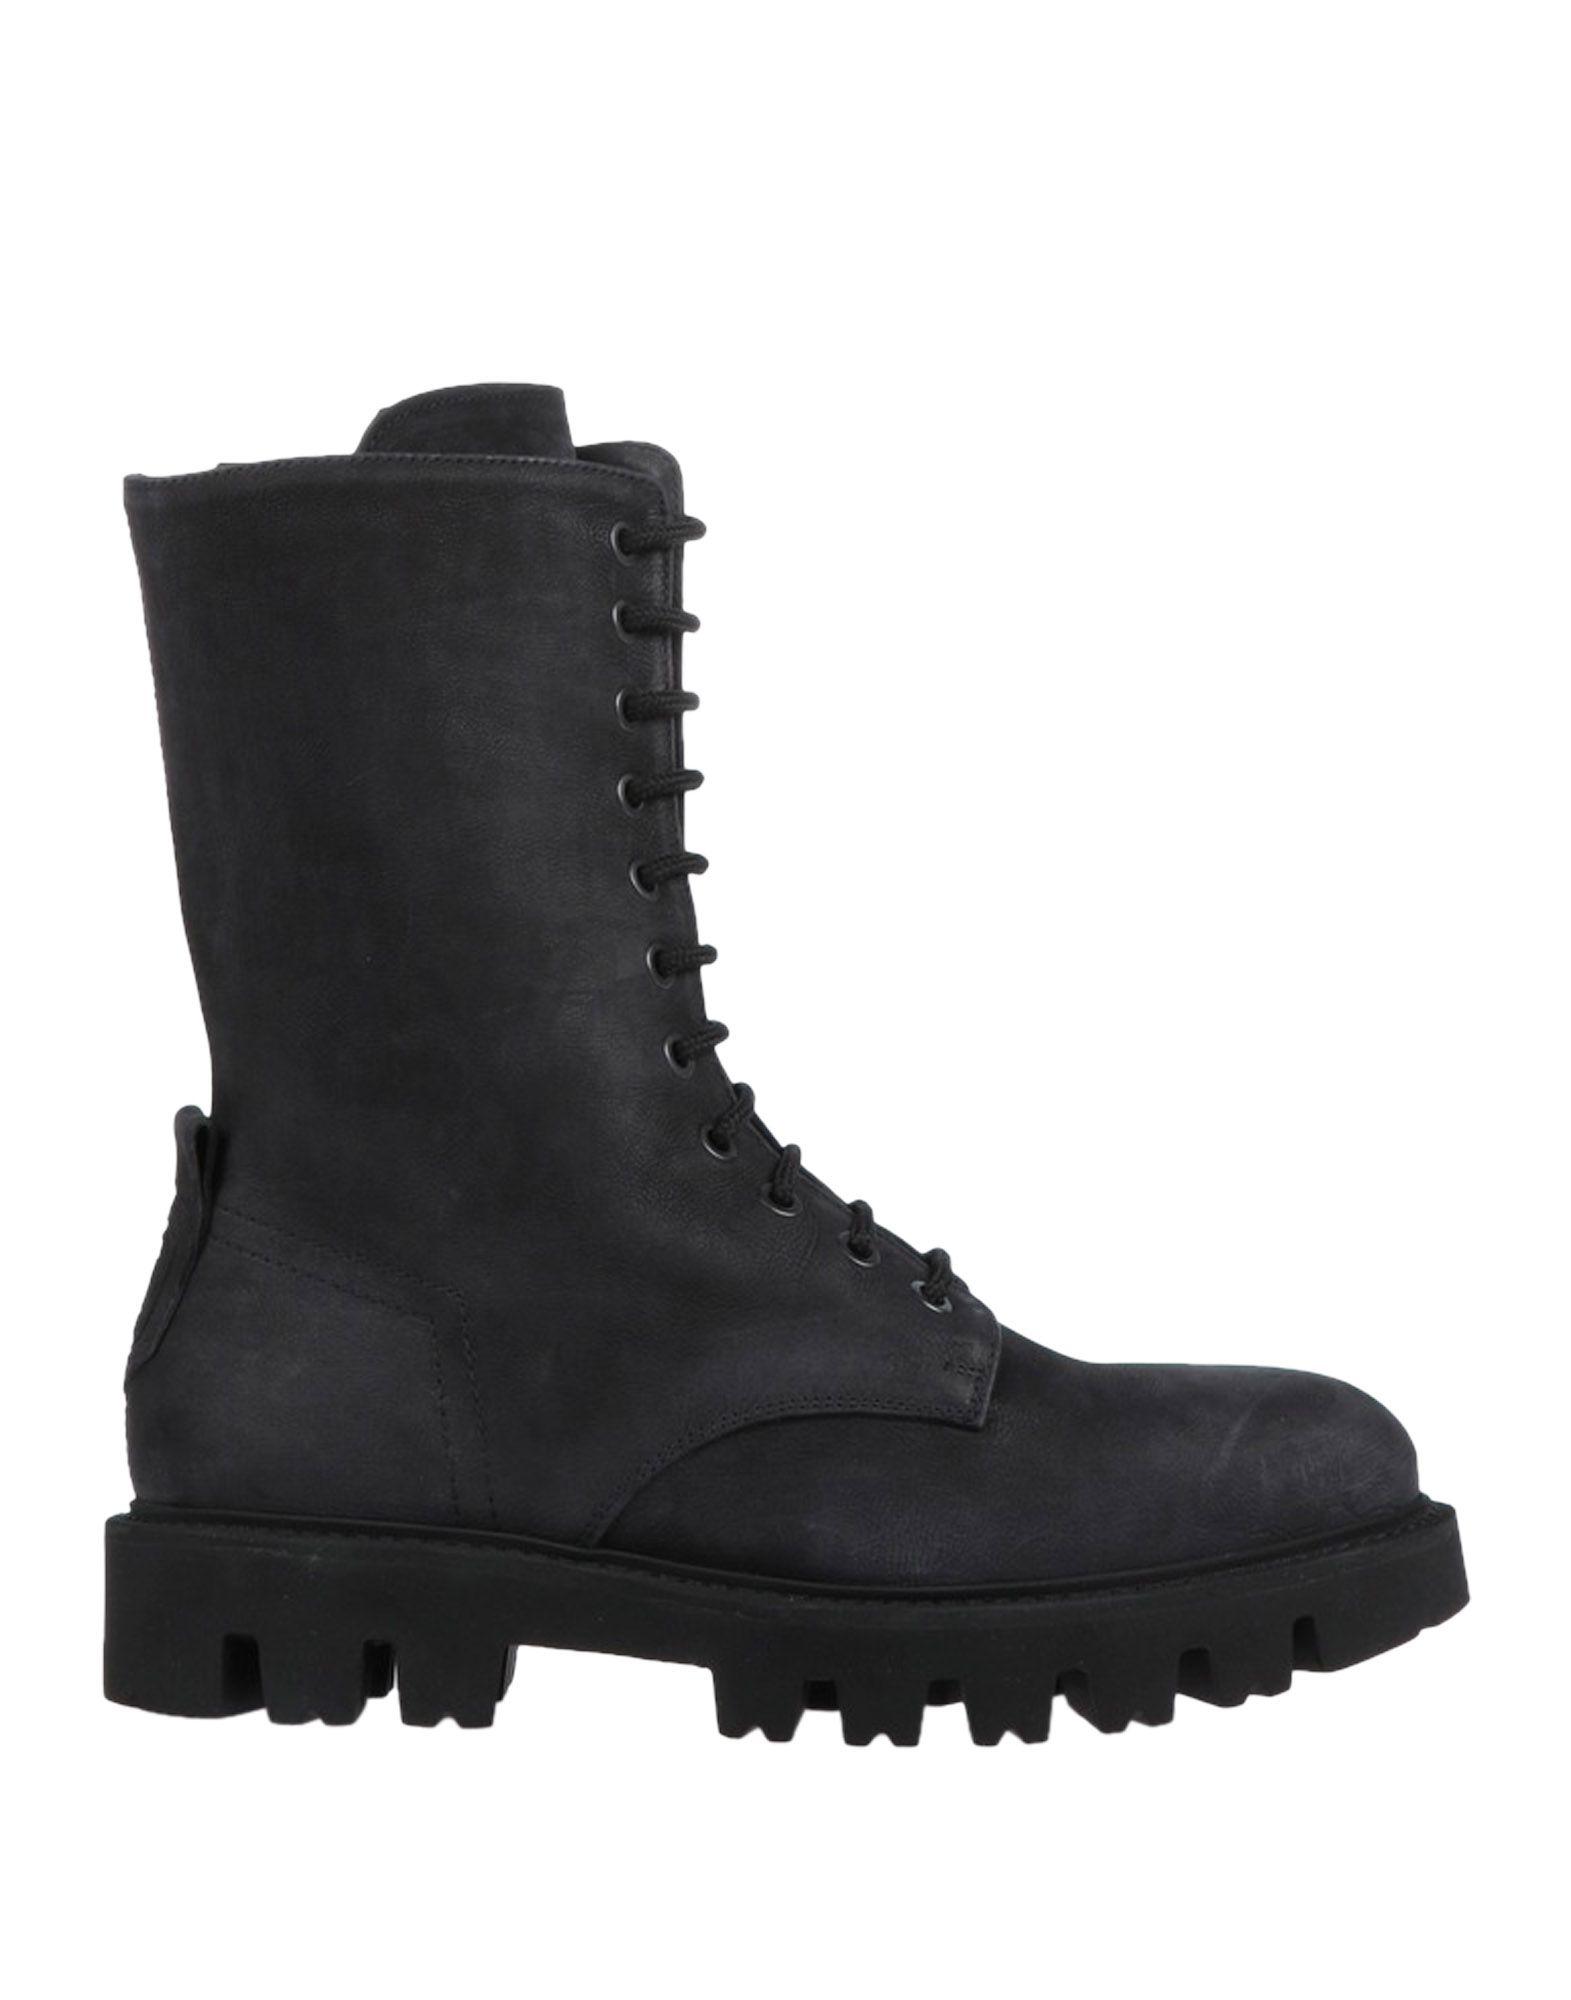 Bottine Bruno Bordese Femme - Bottines Bruno Bordese Noir Les chaussures les plus populaires pour les hommes et les femmes